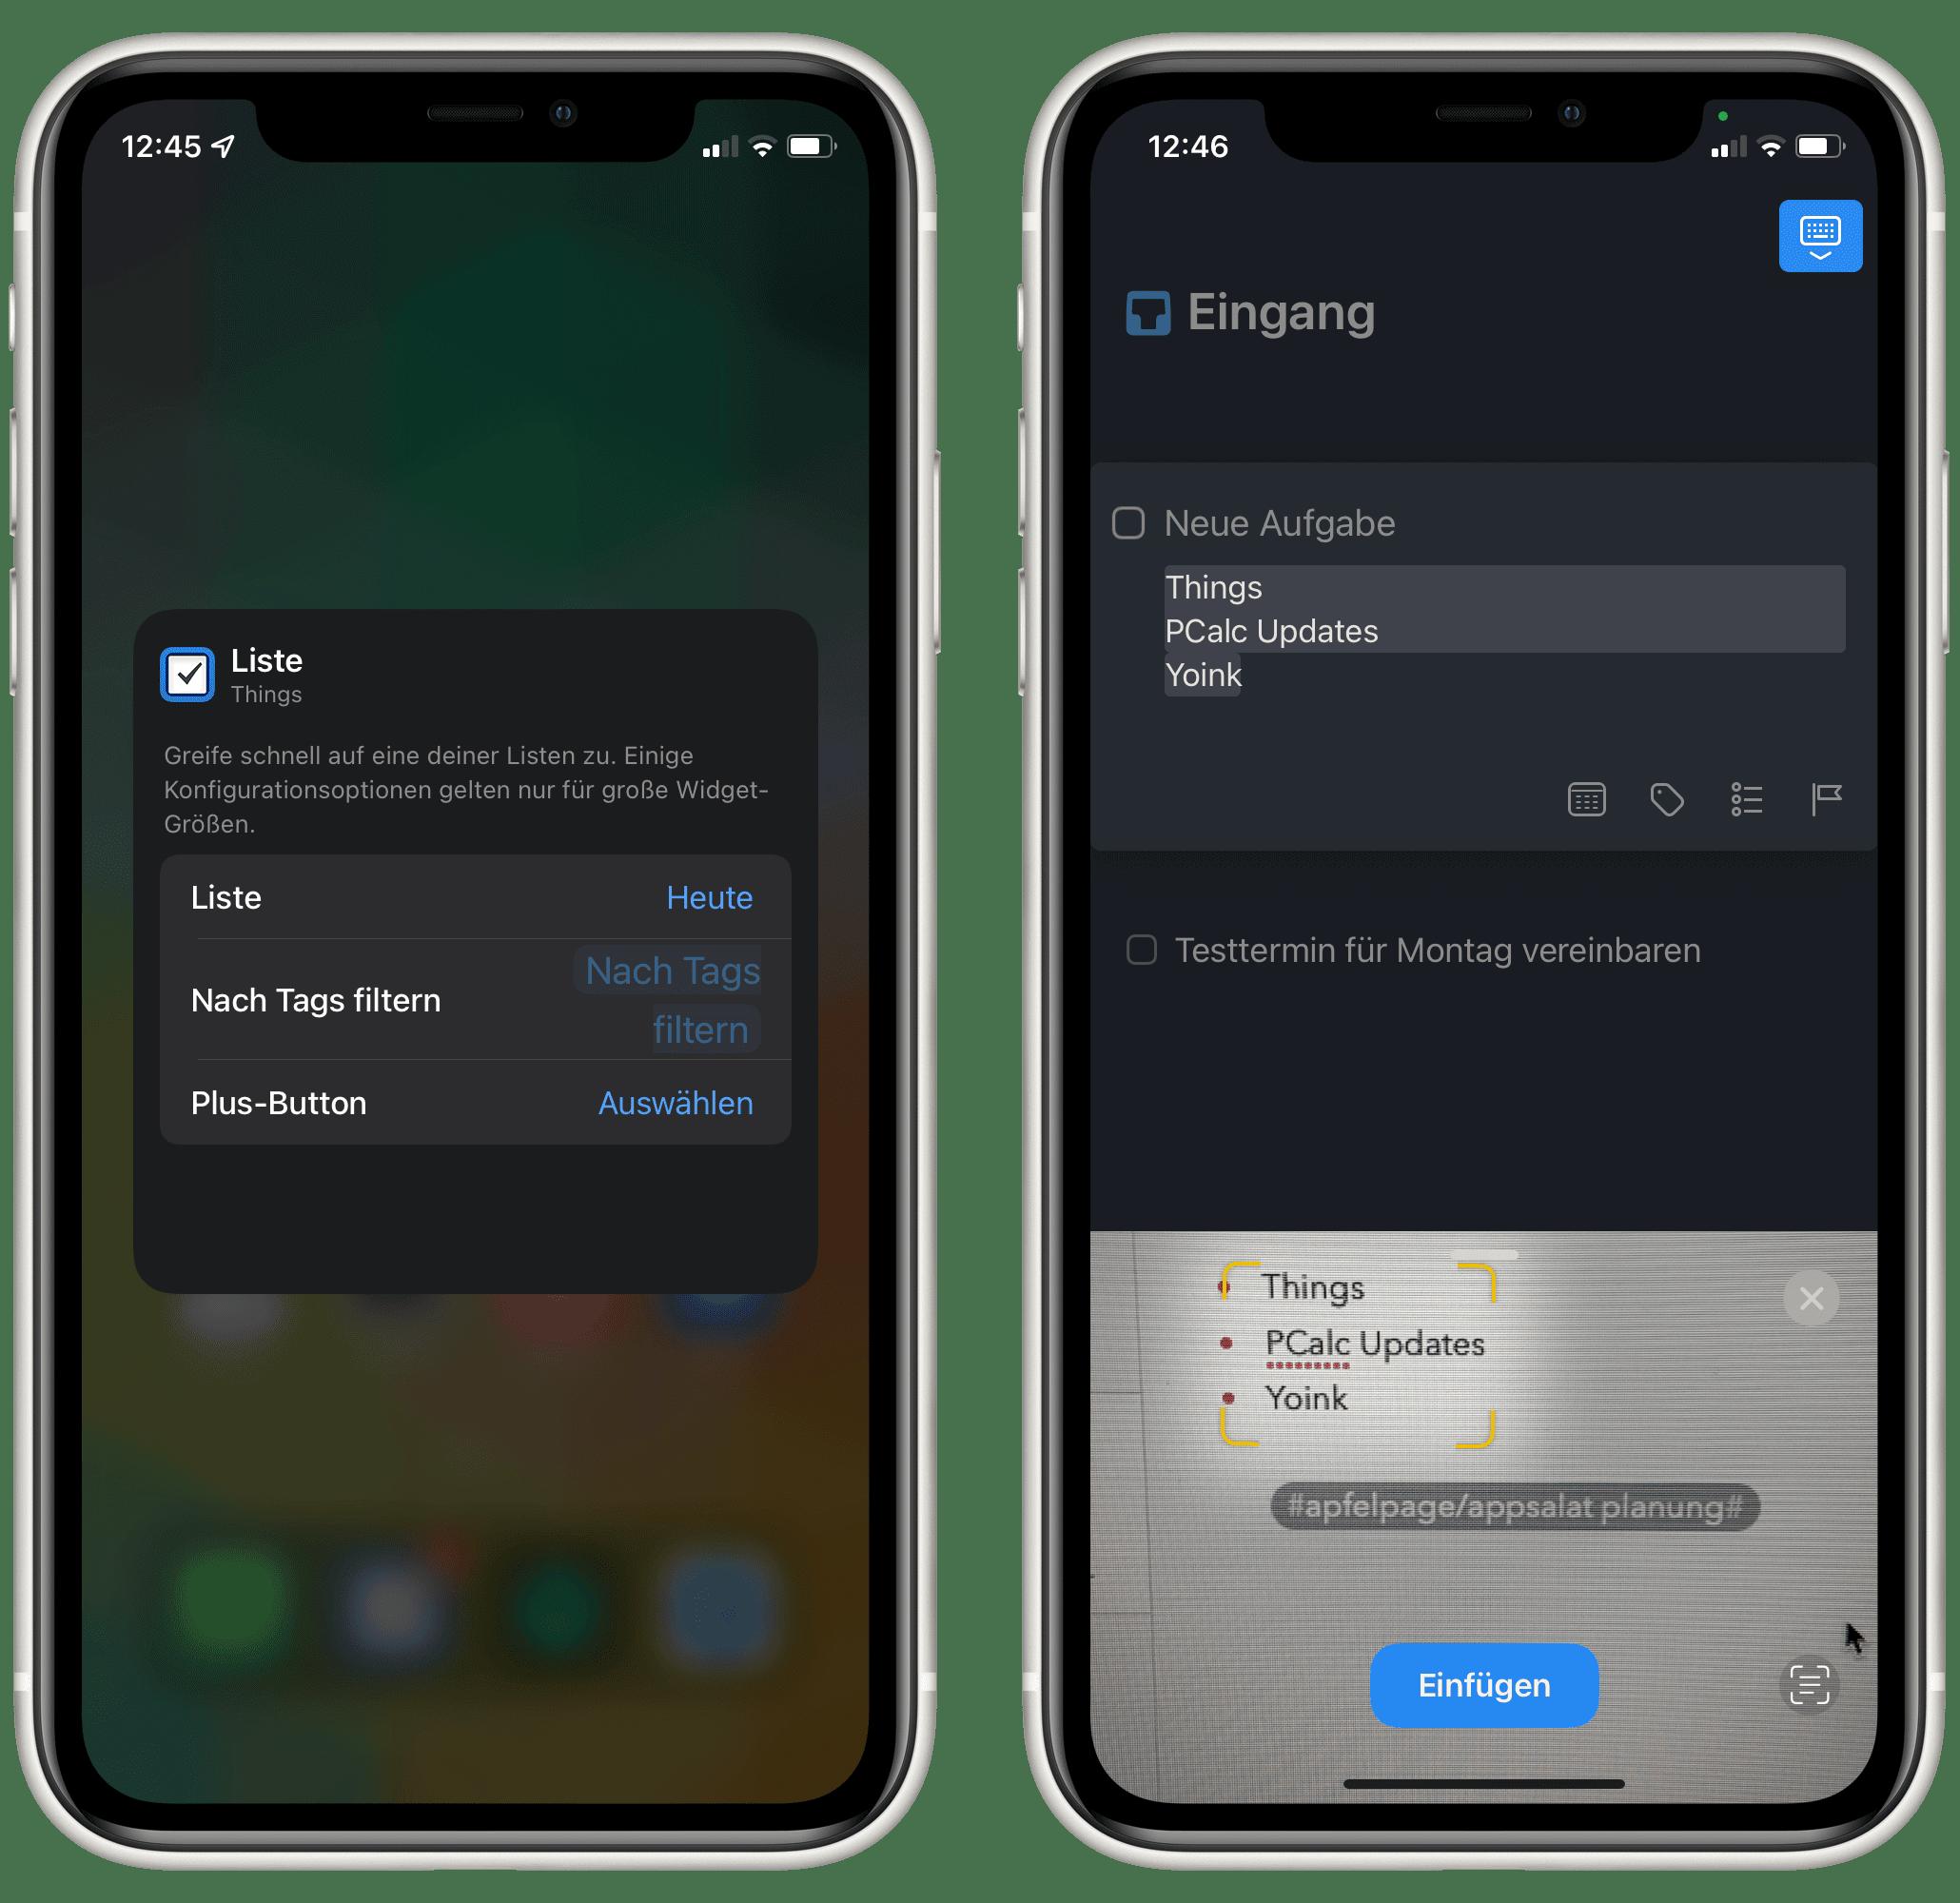 Apfelpage » AppSalat Things 20, PCalc und Yoink nutzen neue iOS 20 ...